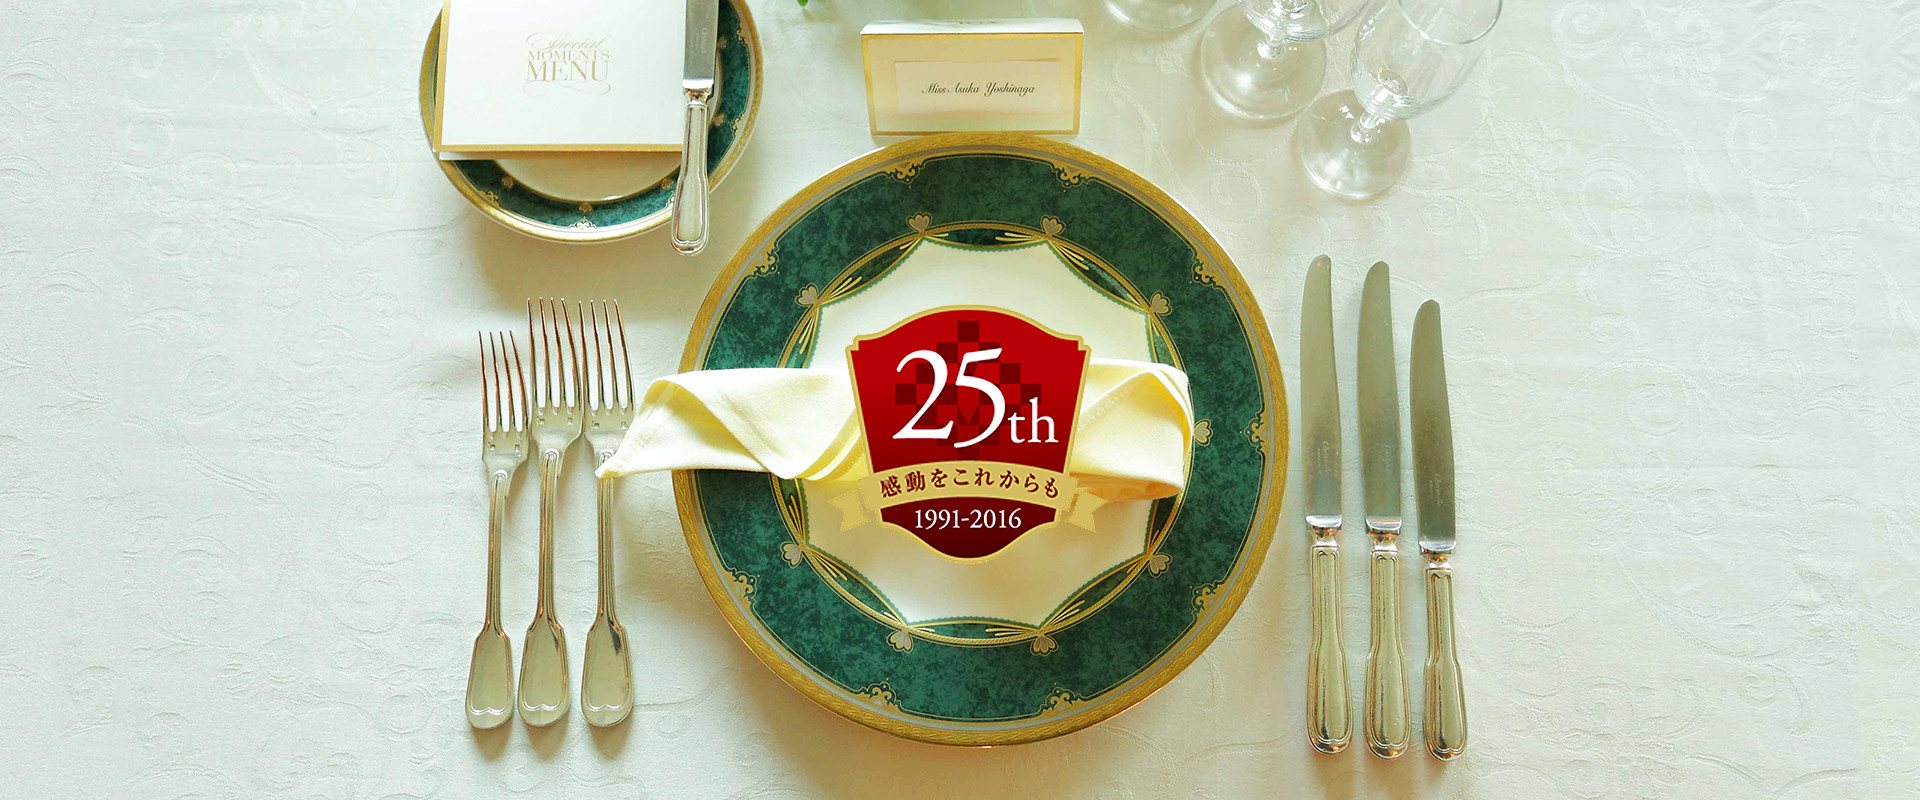 anniversary25